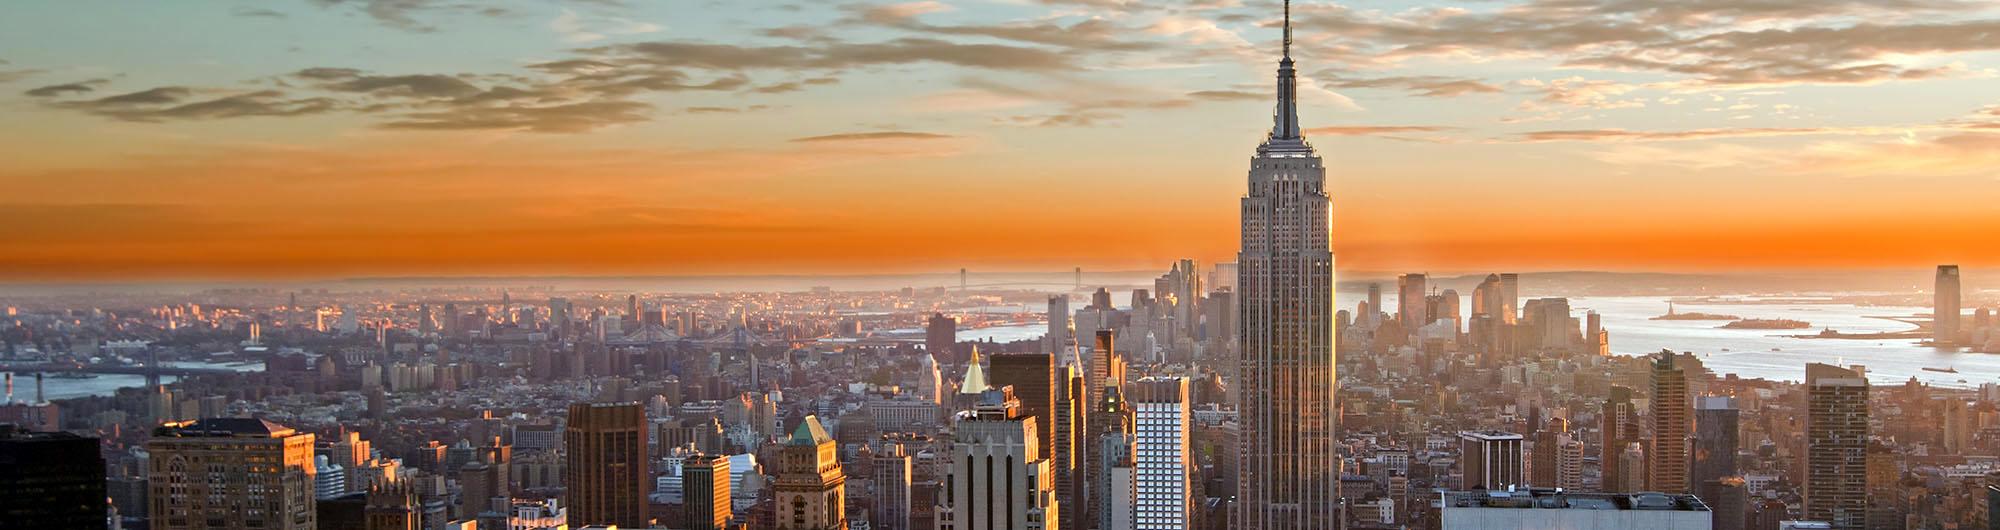 new york ewr